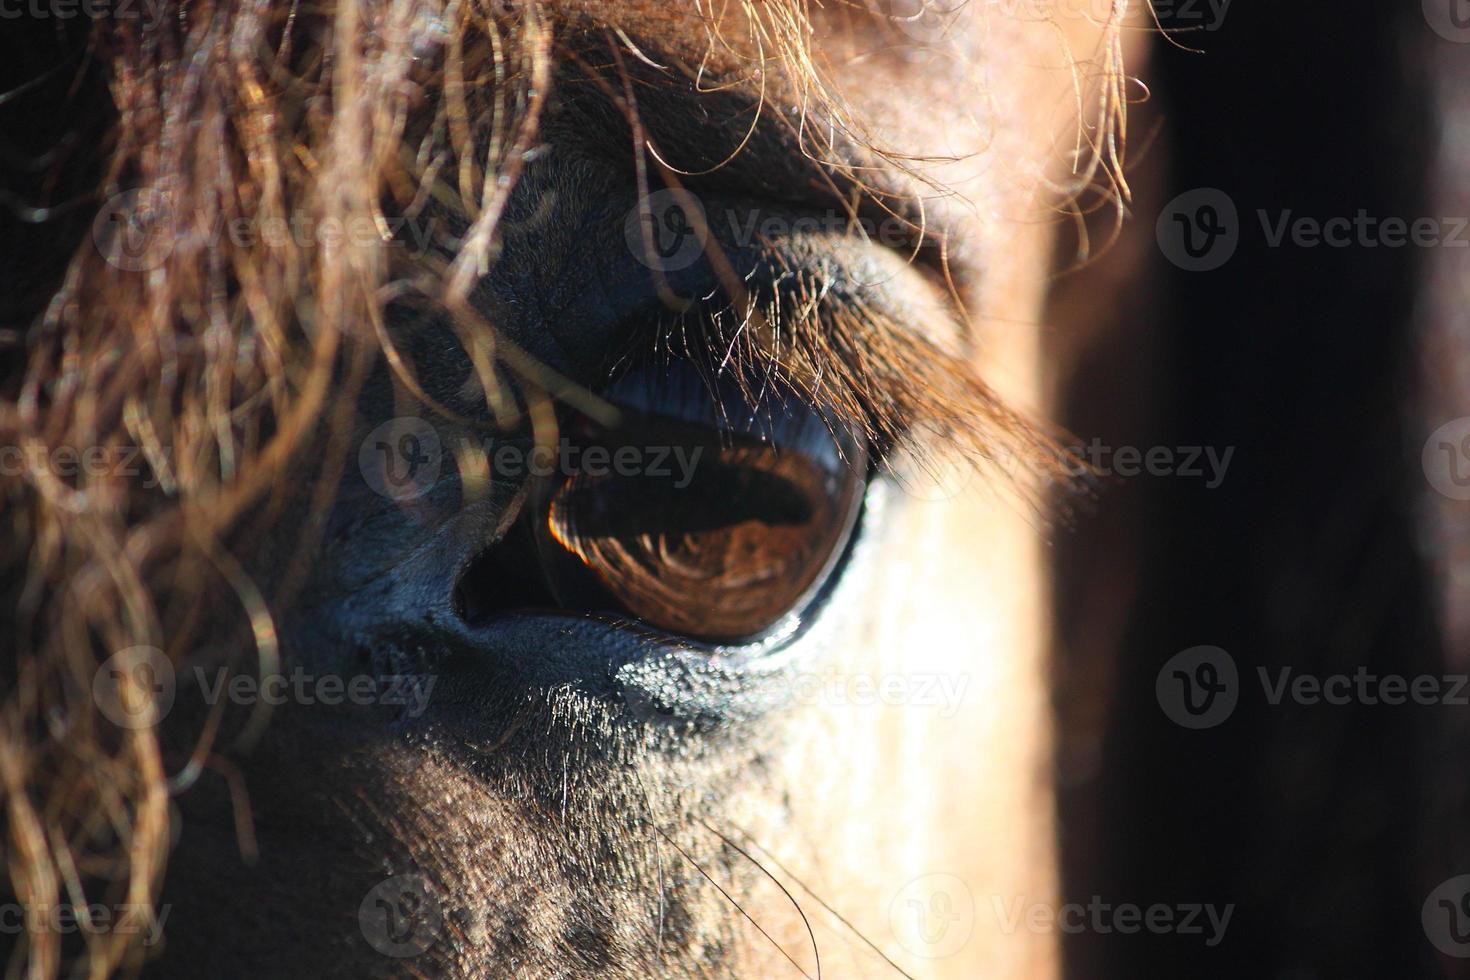 braunes Pferdeauge und Mähne schließen foto